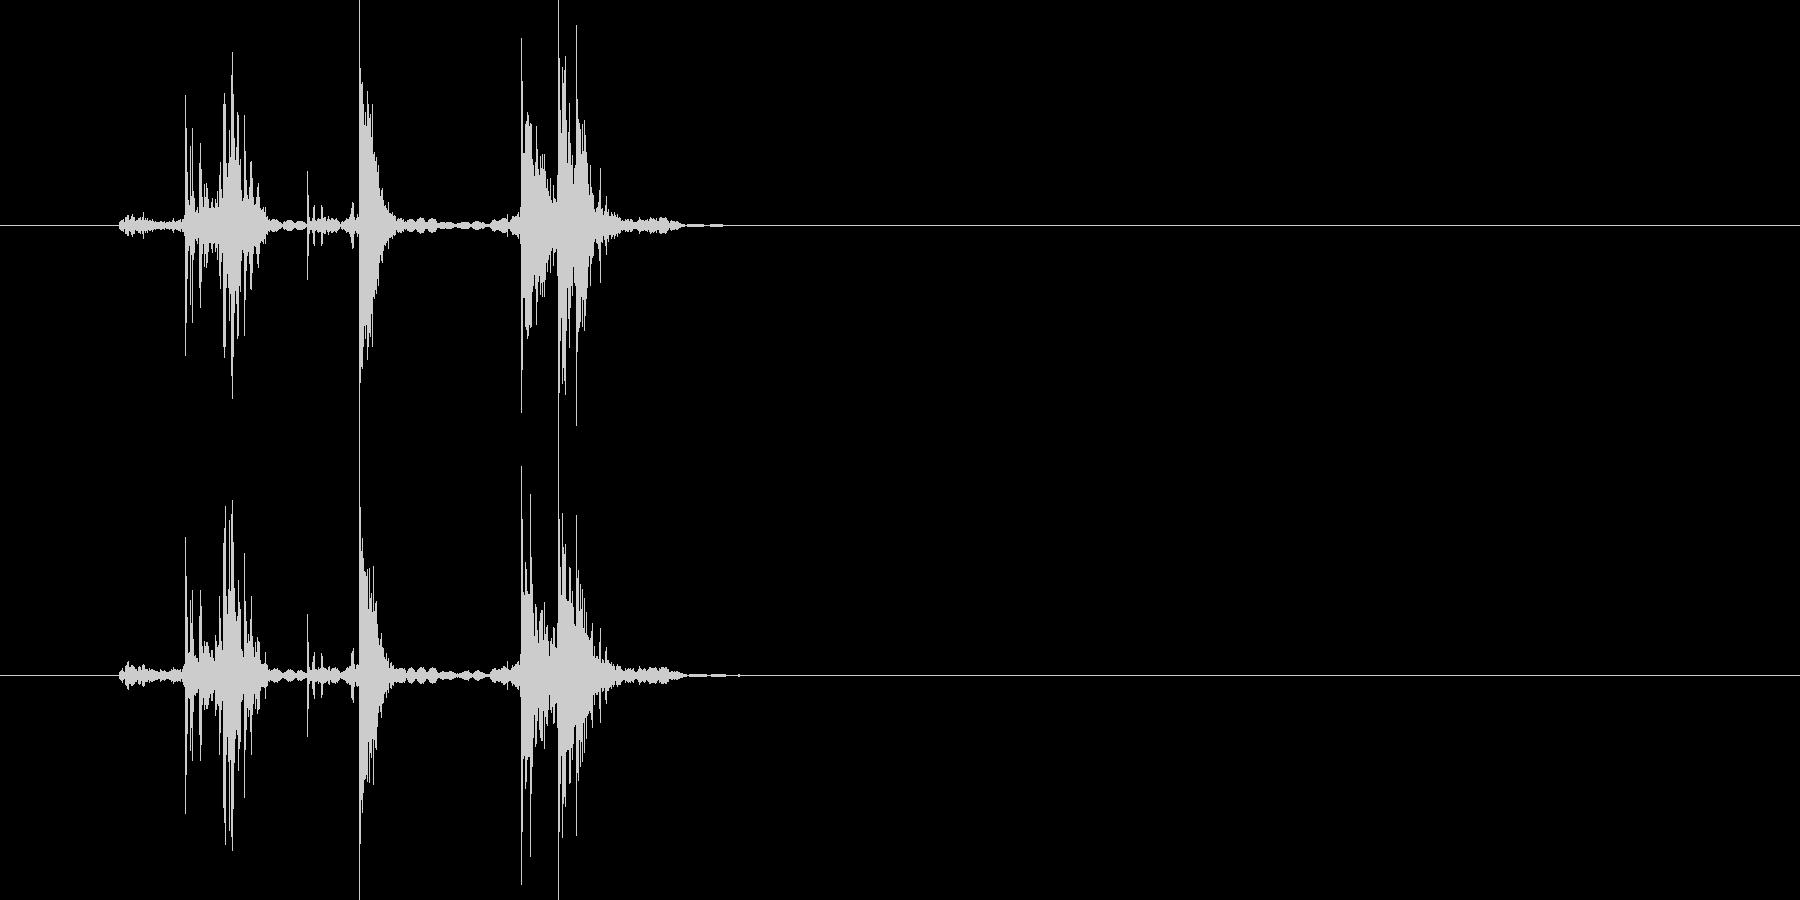 カチャチャッ!(軽い金属音)の未再生の波形